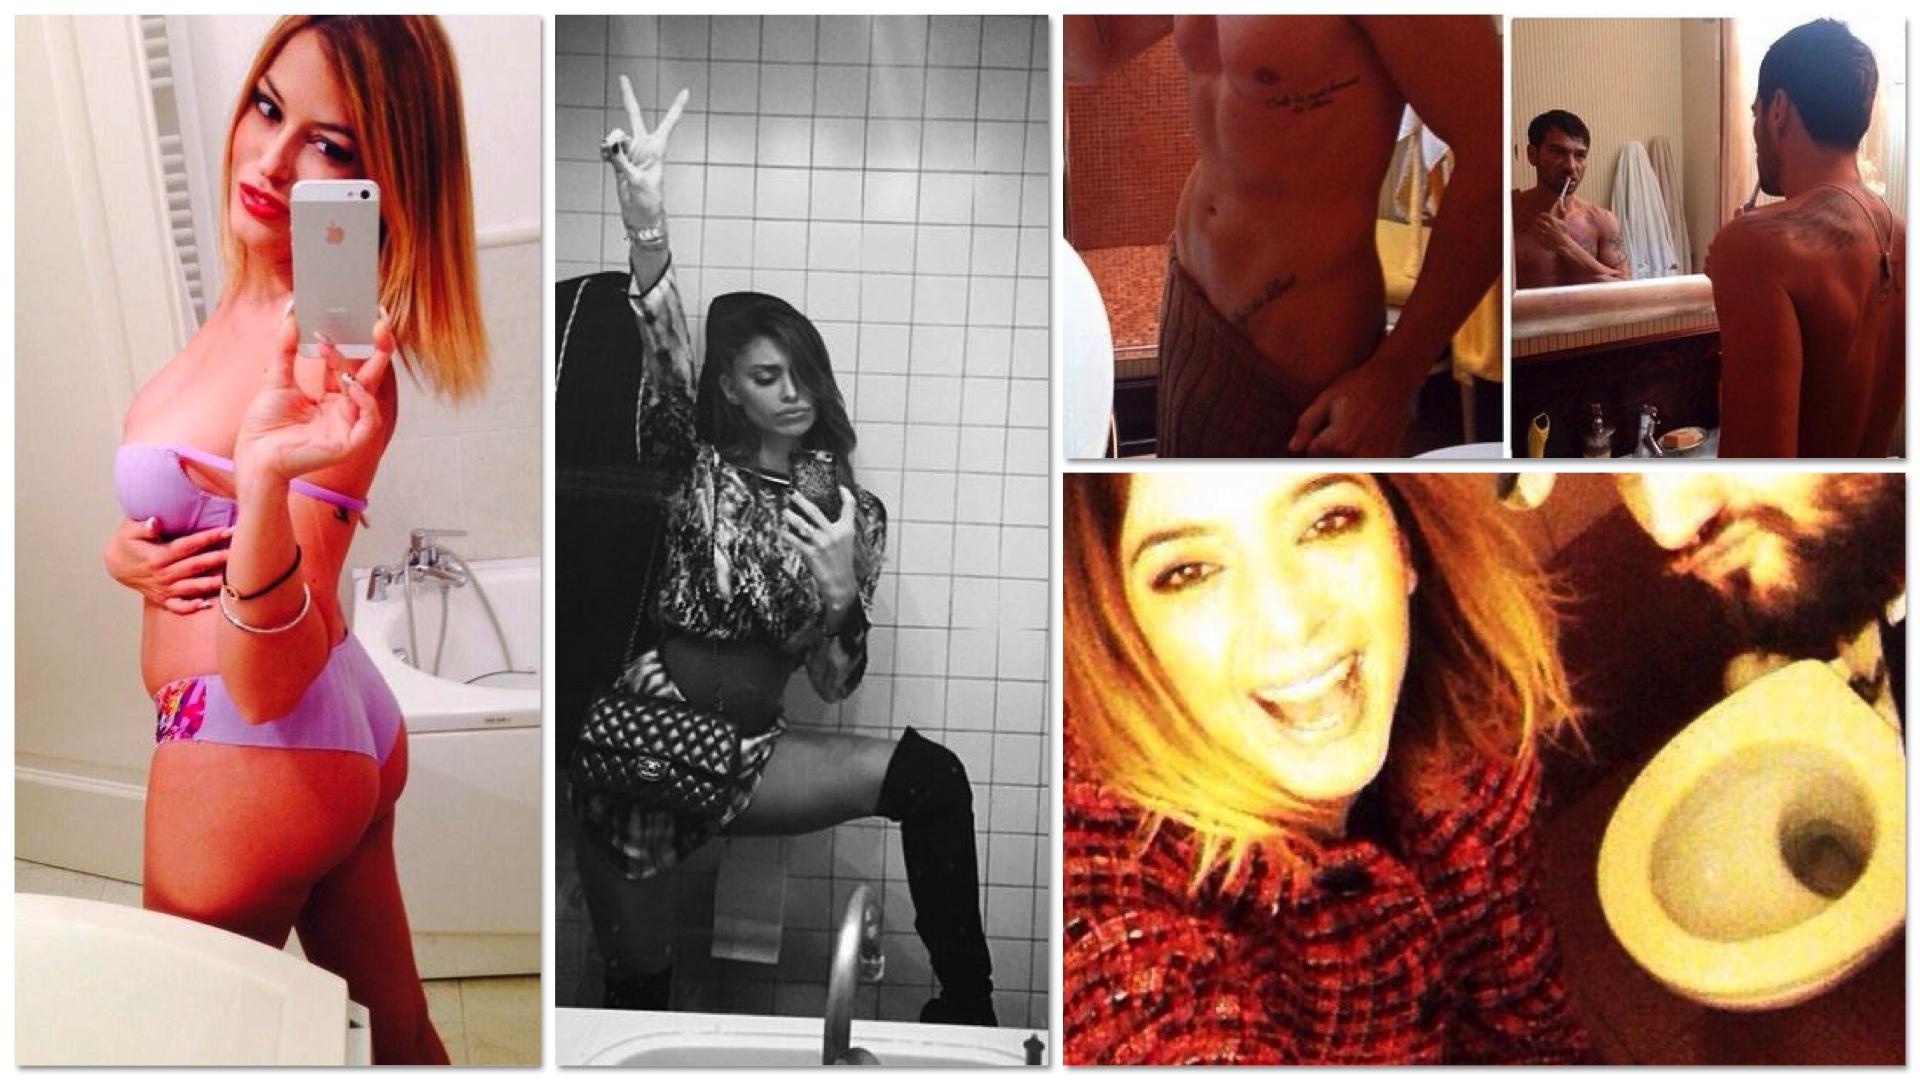 Tutti pazzi per il wc i selfie dei vip si scattano in bagno la nuova moda fa c il web - Selfie in bagno ...